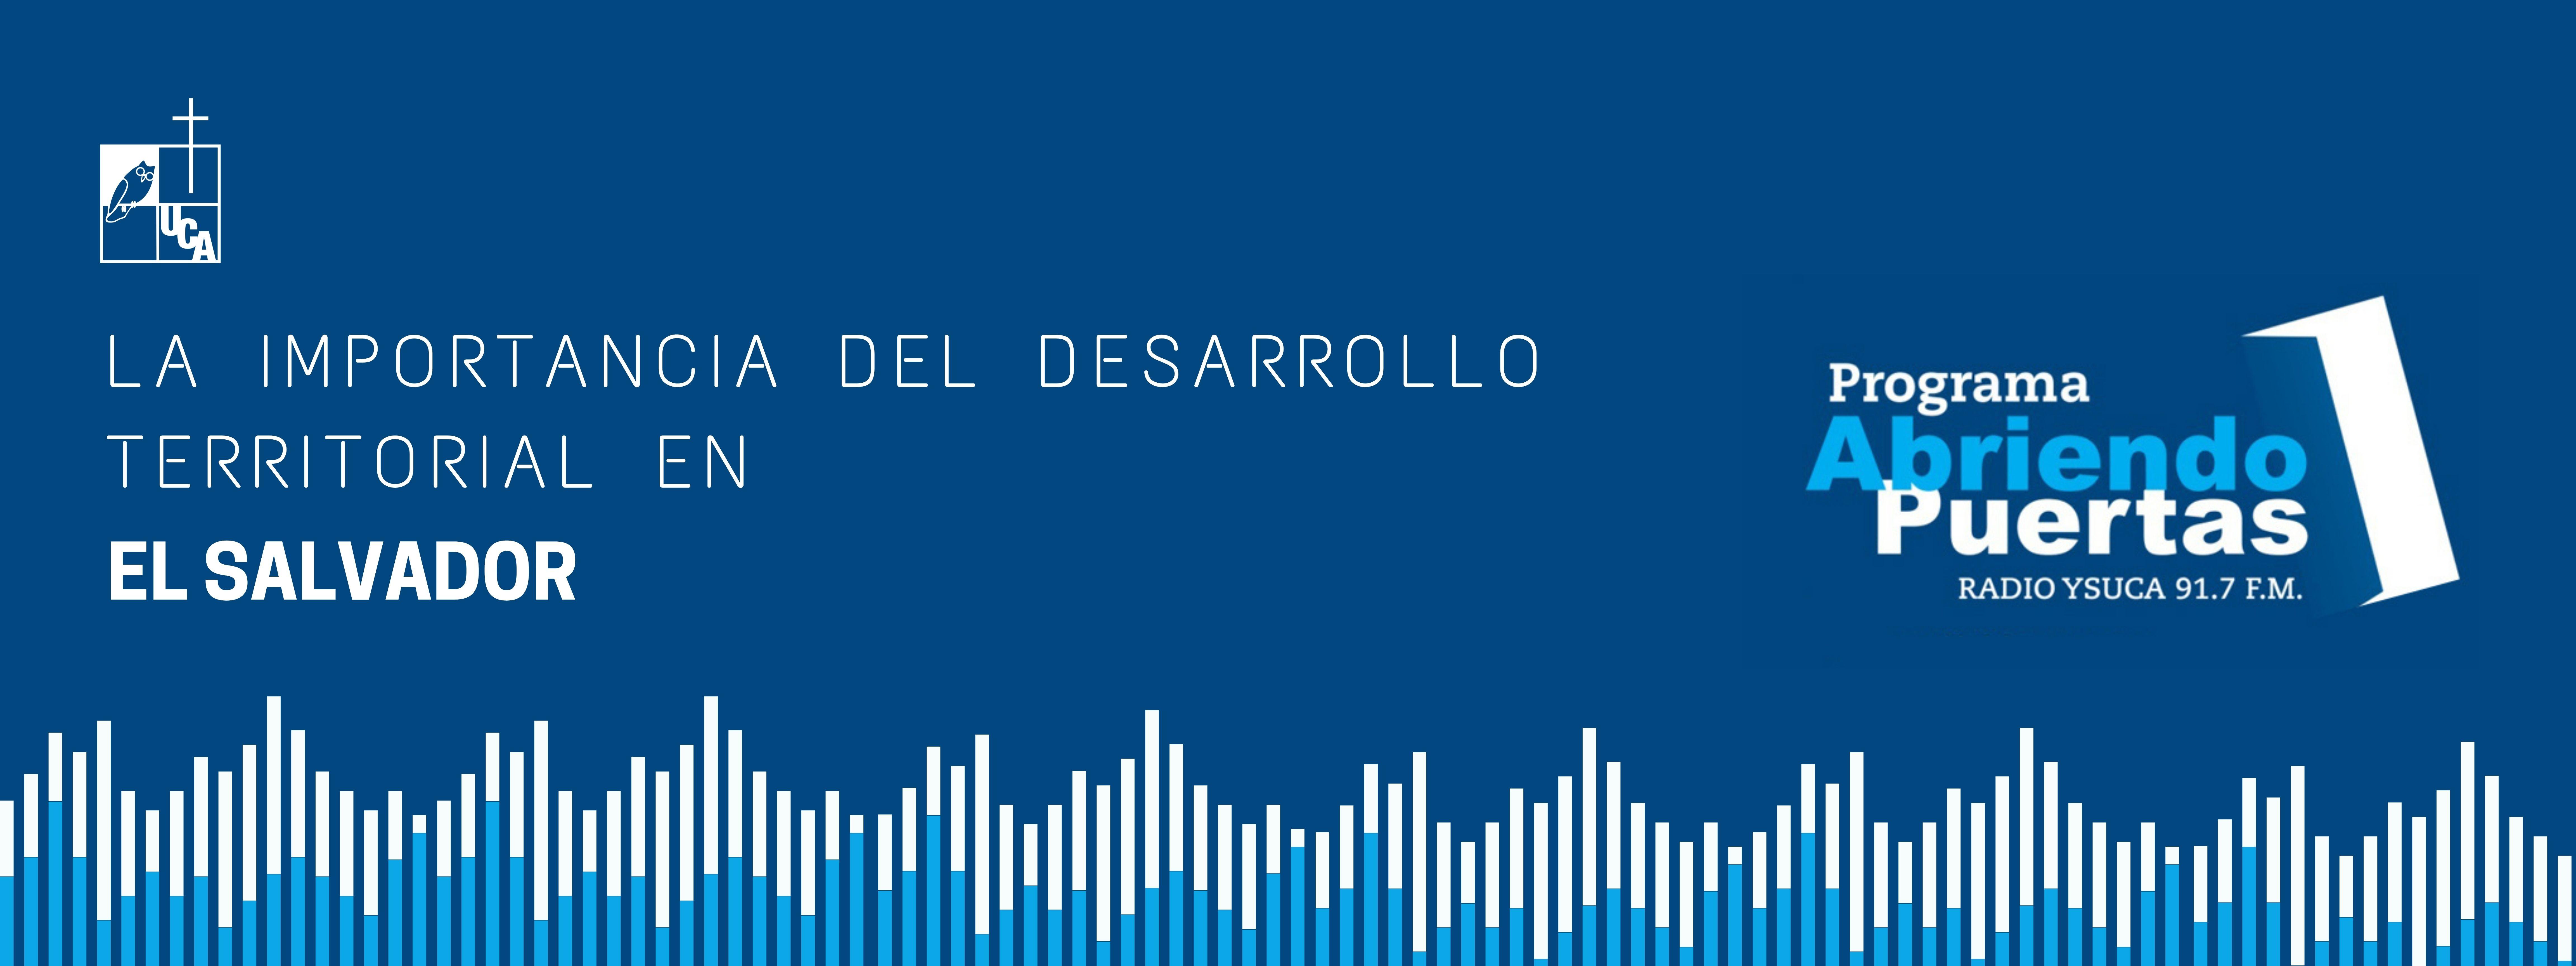 La importancia del desarrollo territorial en El Salvador